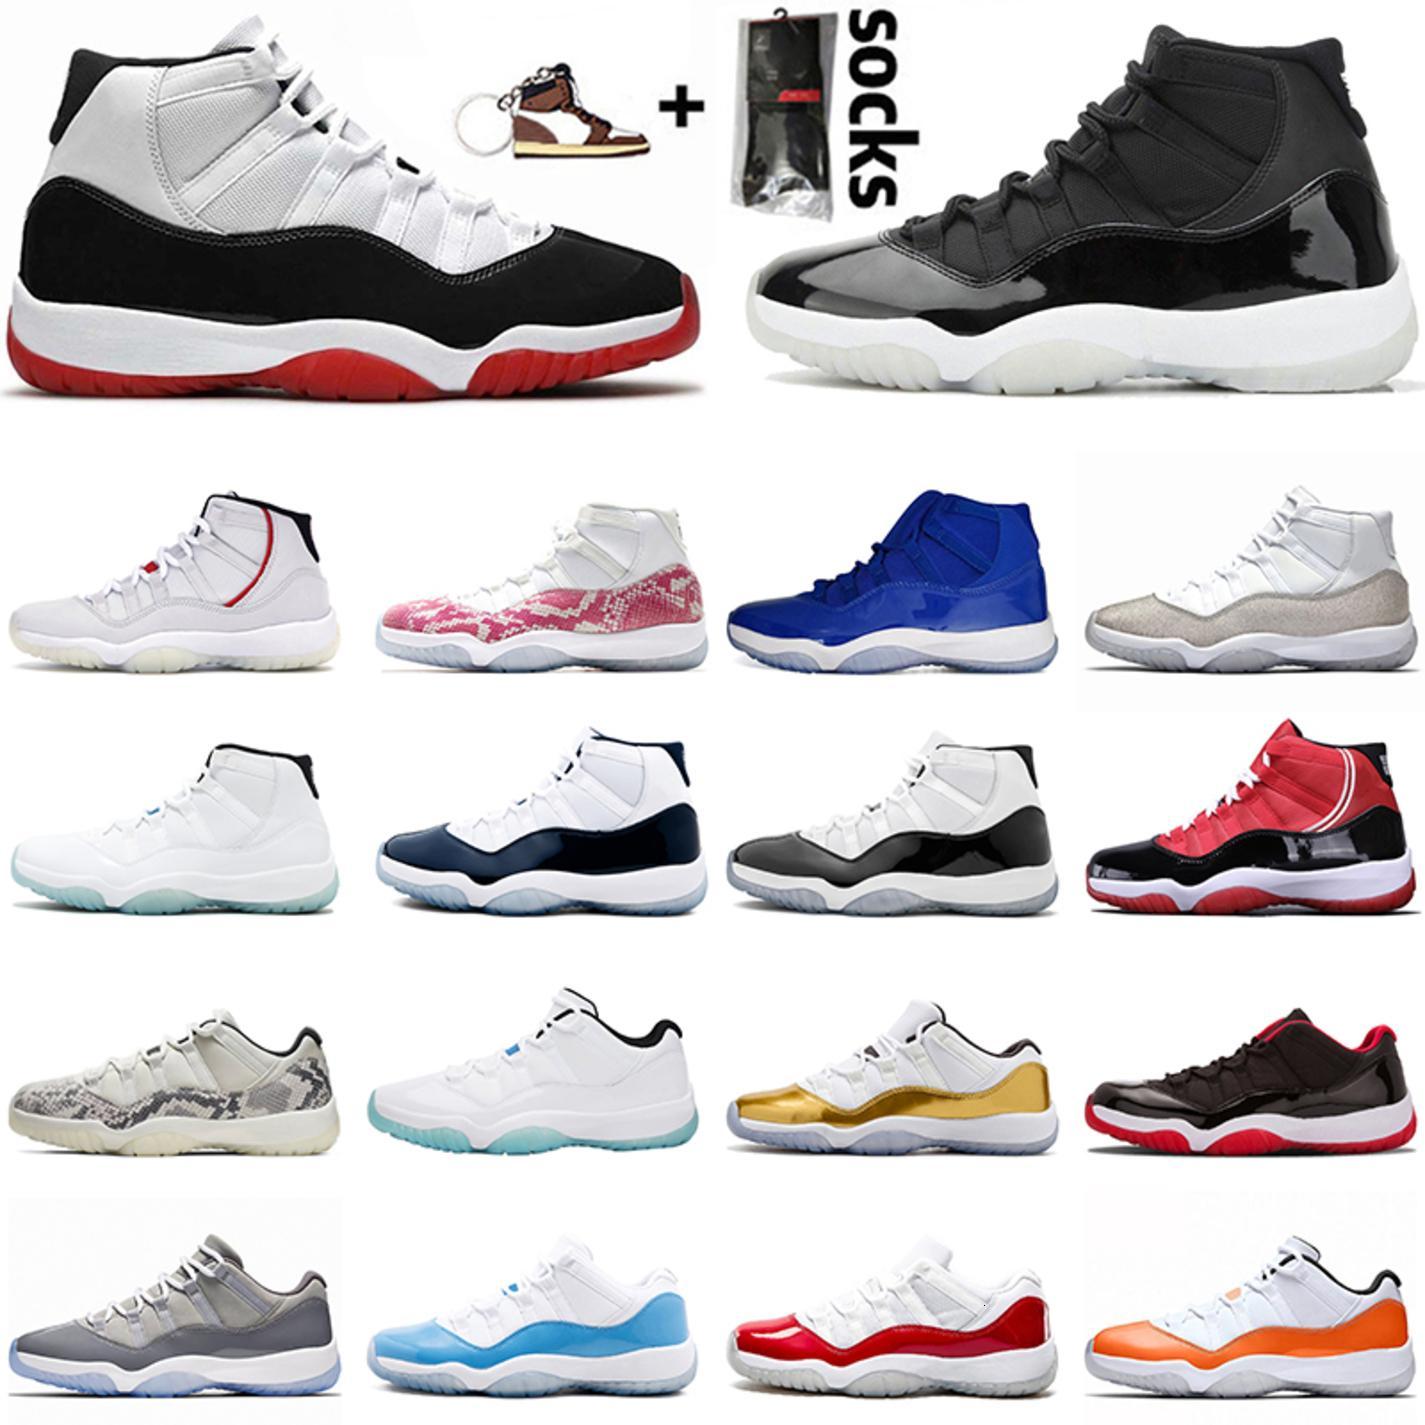 25e anniversaire 11 hommes chaussures de basket-ball de femmes élevées Bred Concord Concord Cap 11s Cap et robe Satin \ r \ r Legend Blue Sport Sneakers